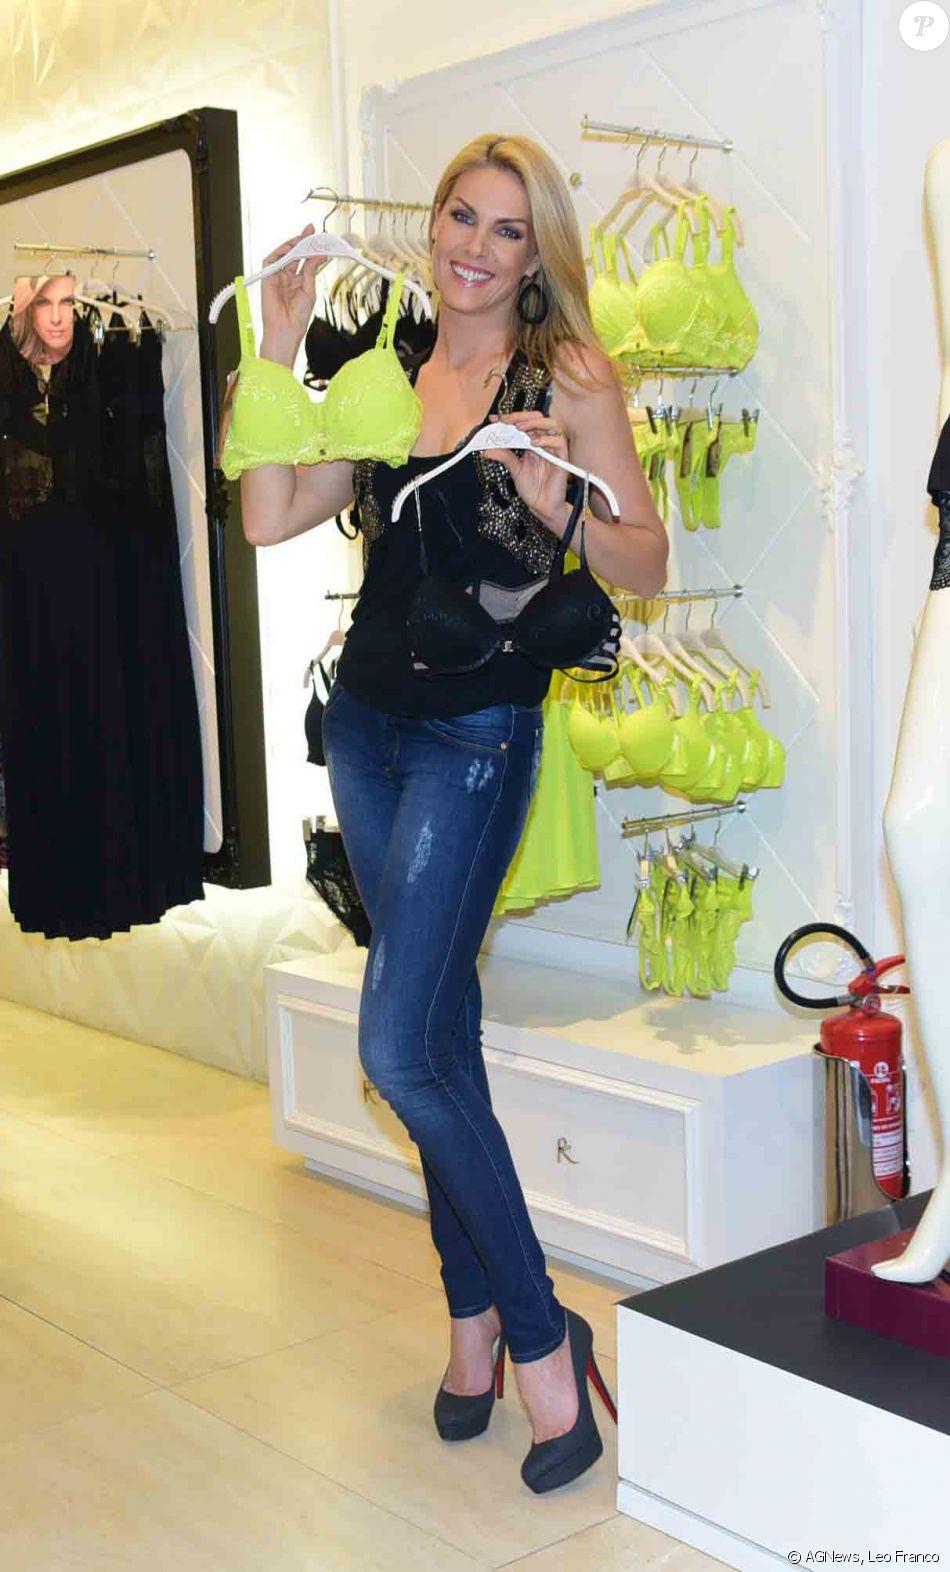 b9e4cdbfb2c37 Ana Hickmann posou com as lingeries da grife da qual é garota propaganda